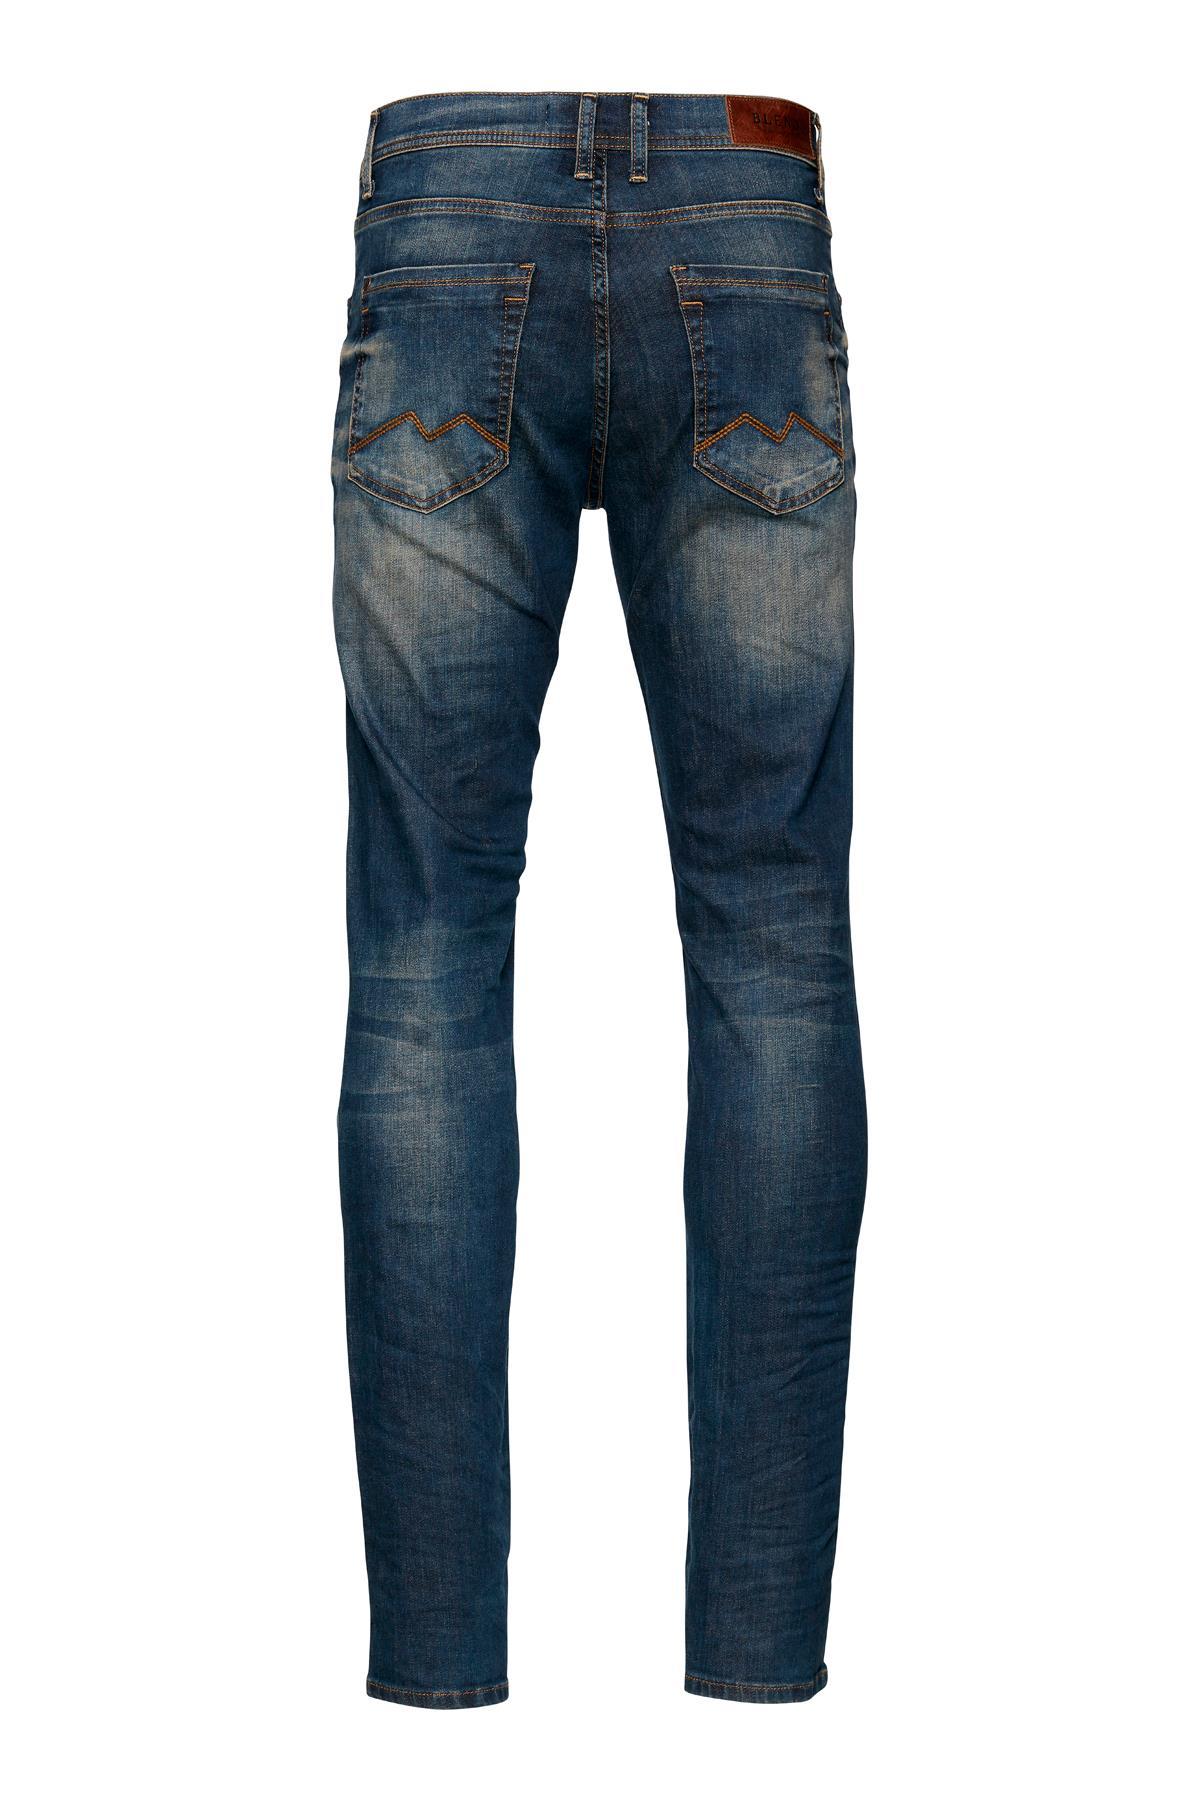 Twister jeans fra Blend He – Køb  Twister jeans fra str. 28-40 her